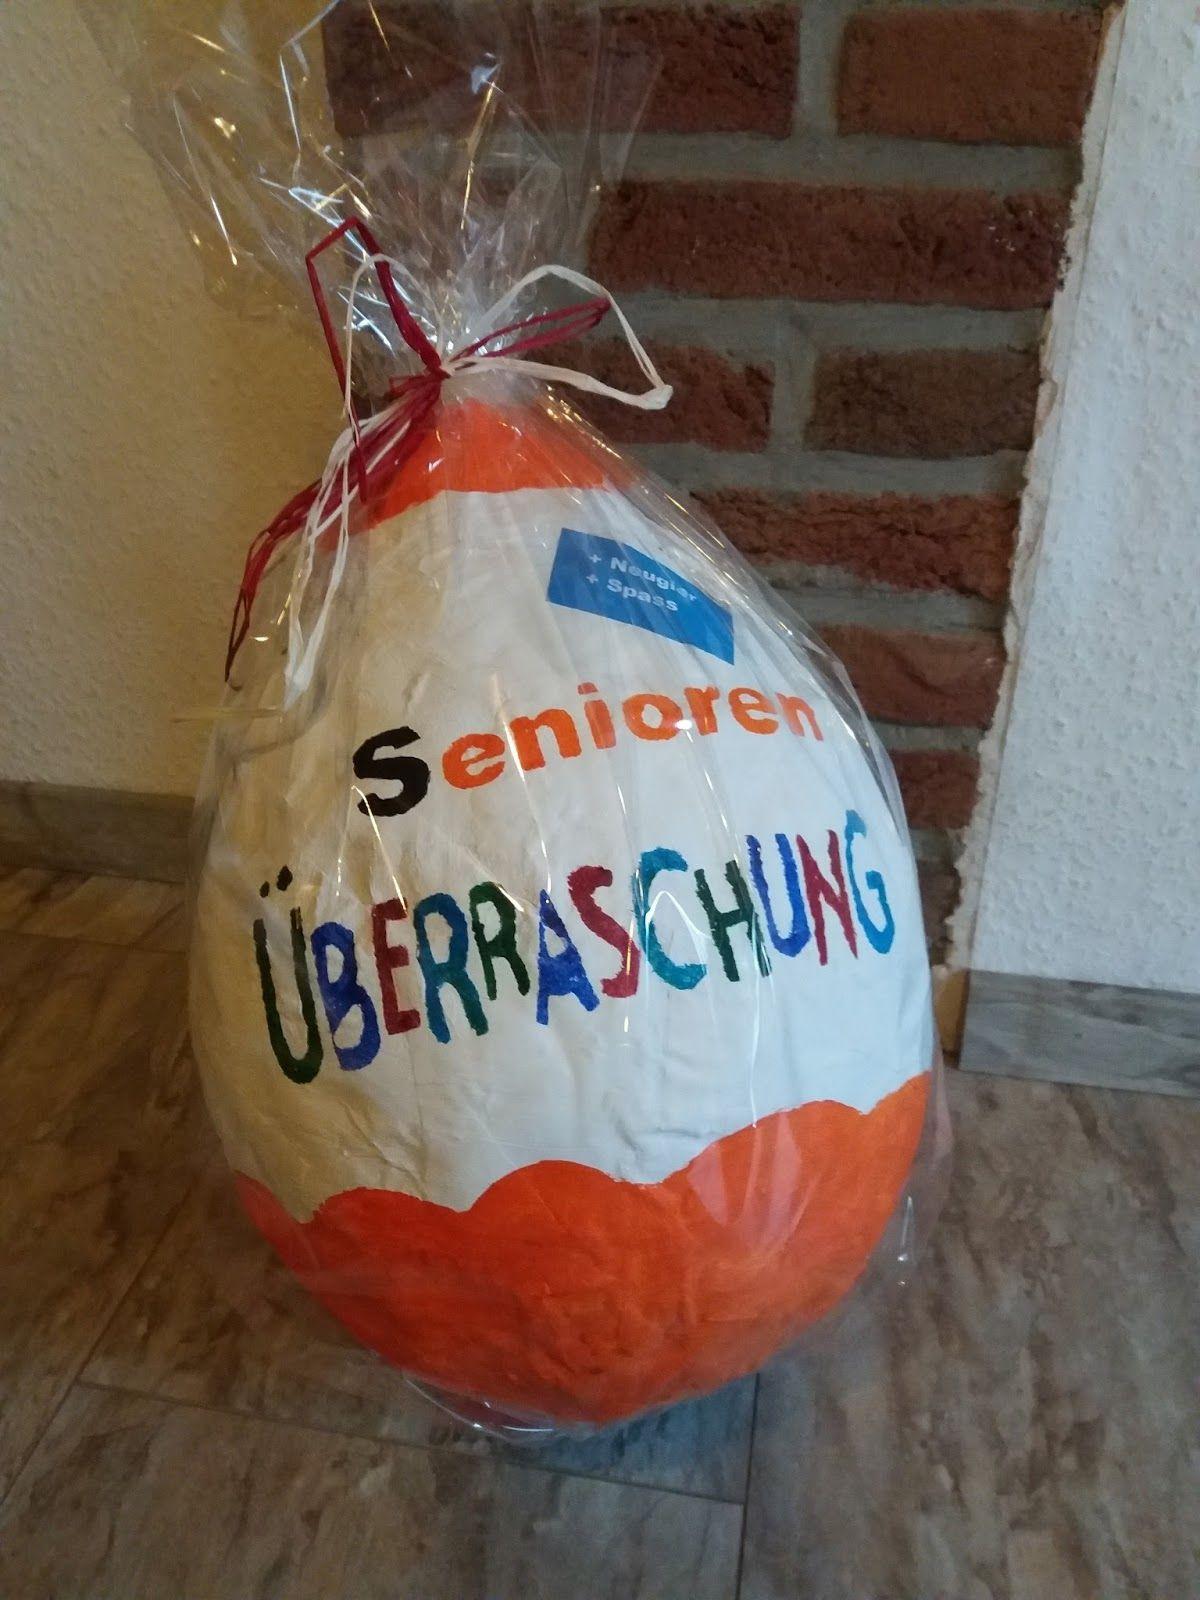 Mein Kreatives Leben: Senioren Überraschung | Geschenke